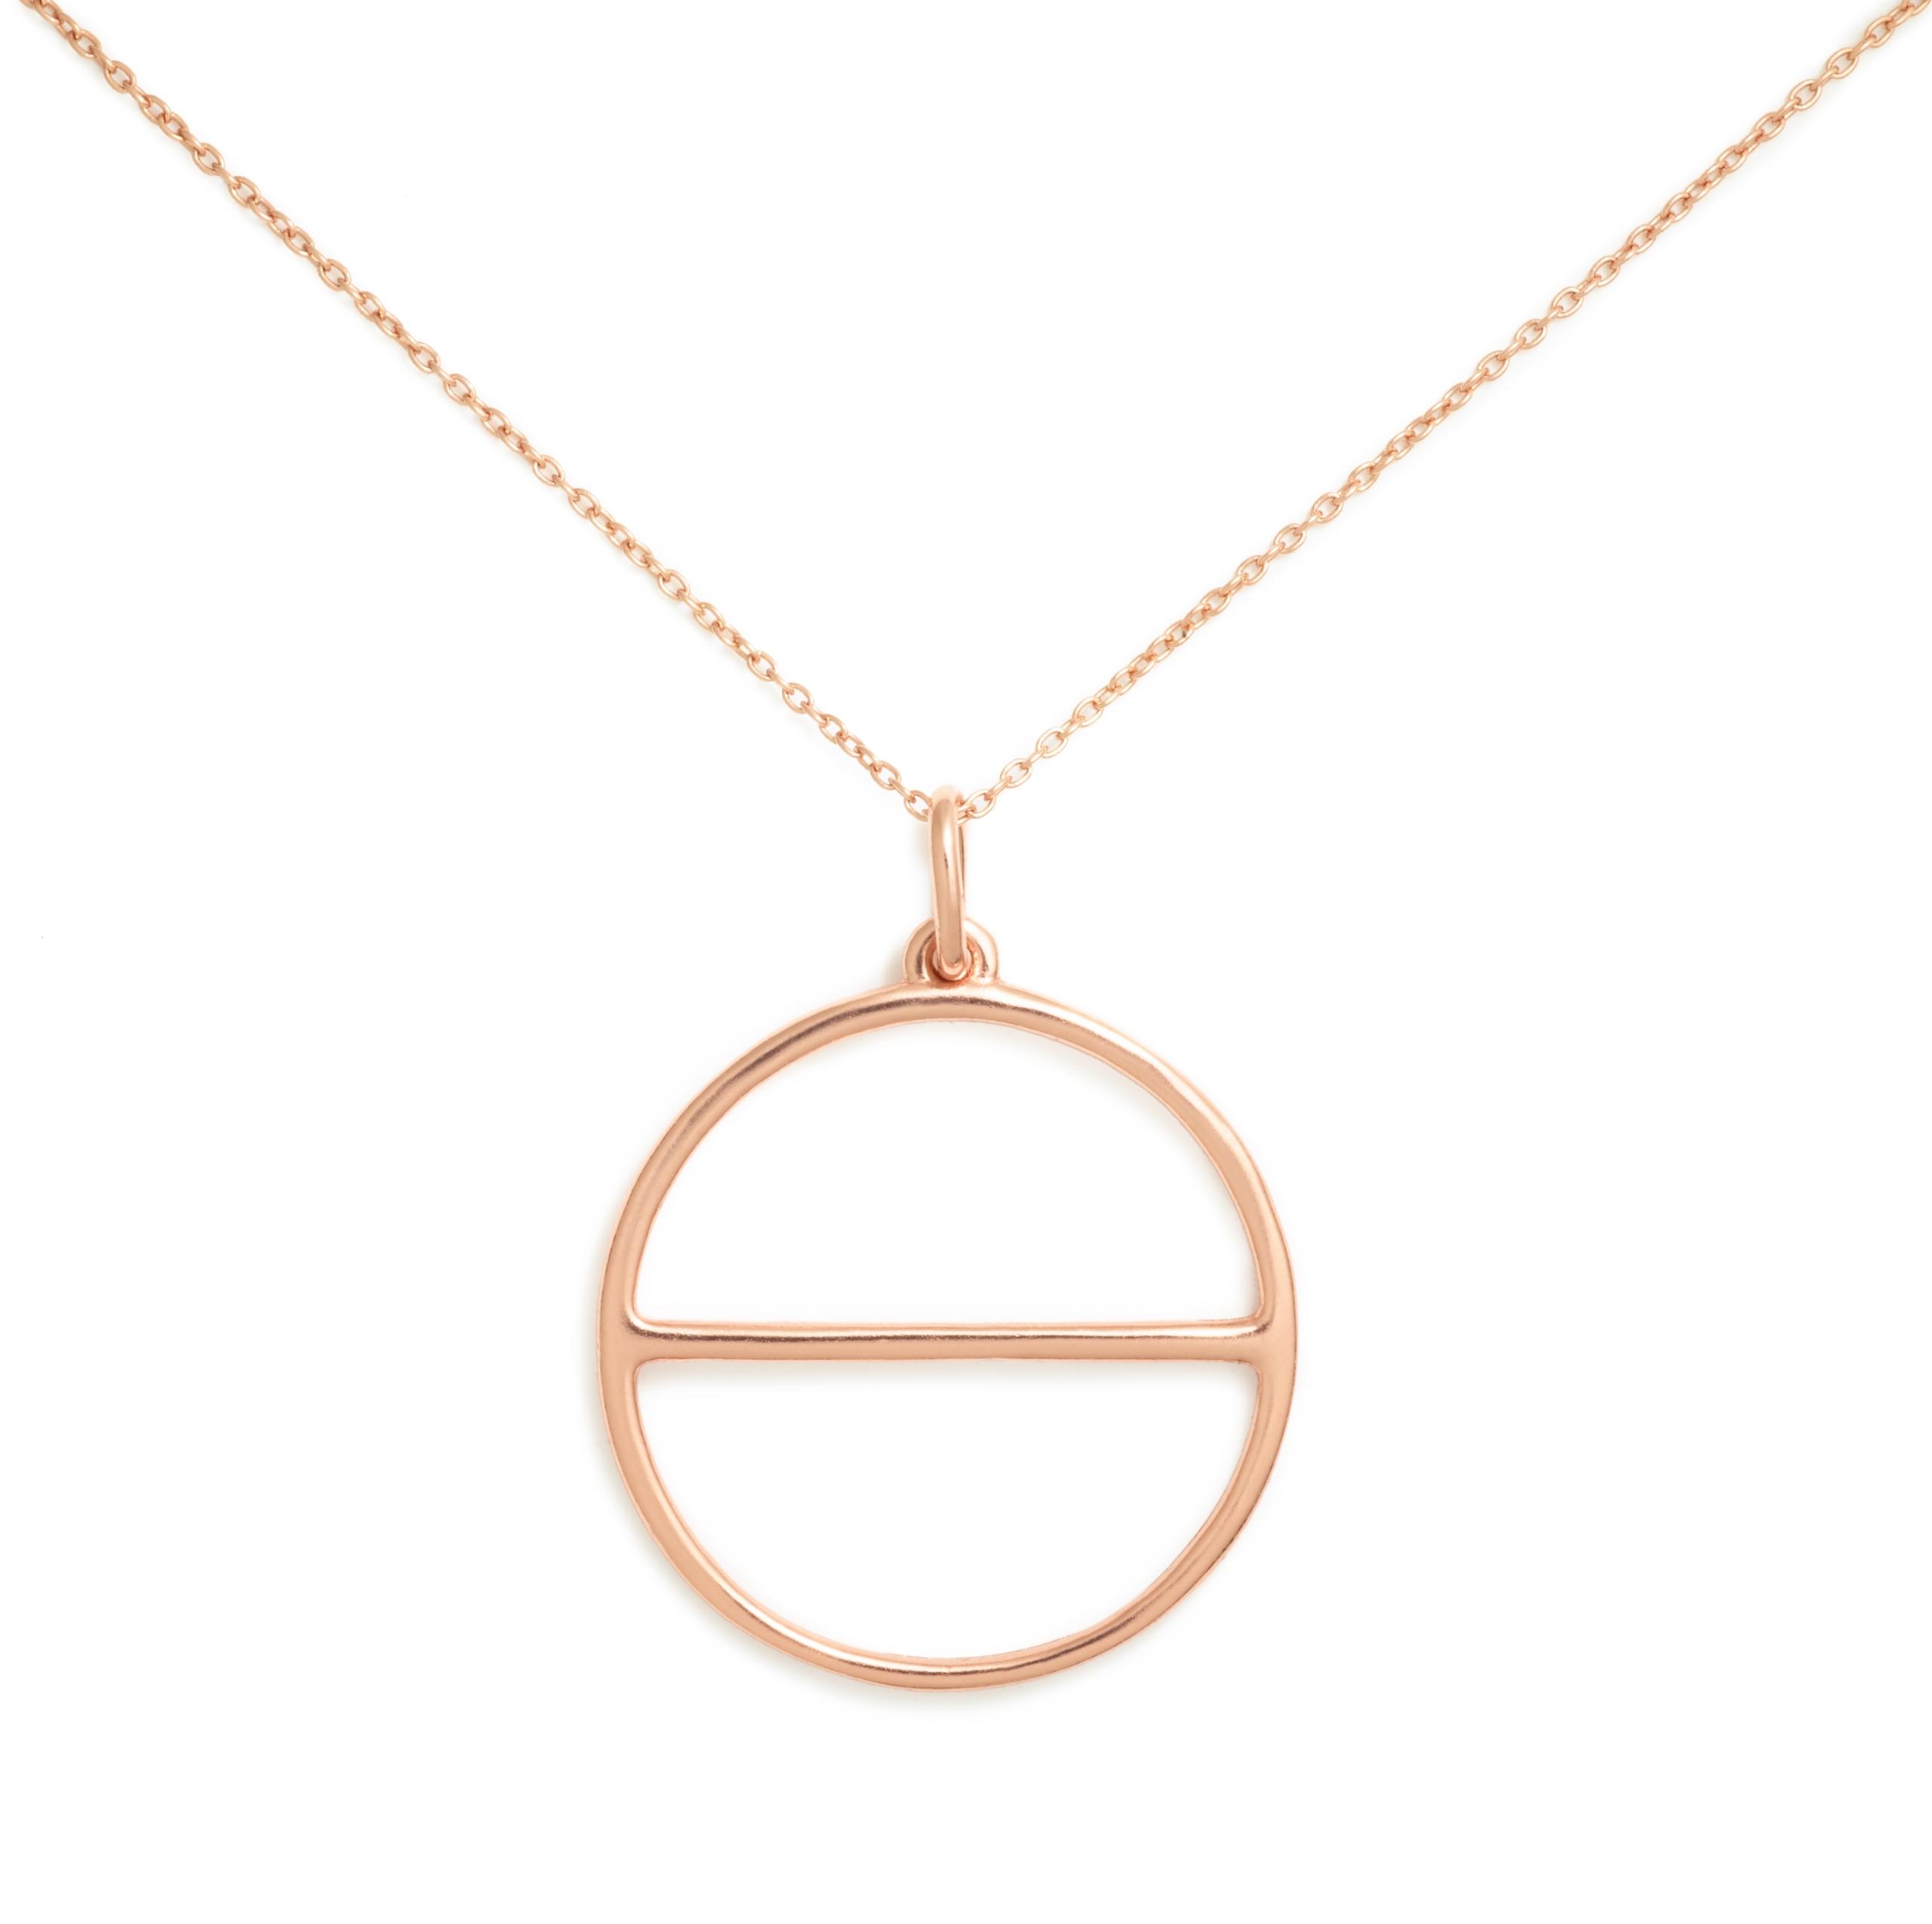 Salt Symbol Necklace (Large), Rose Gold Plated